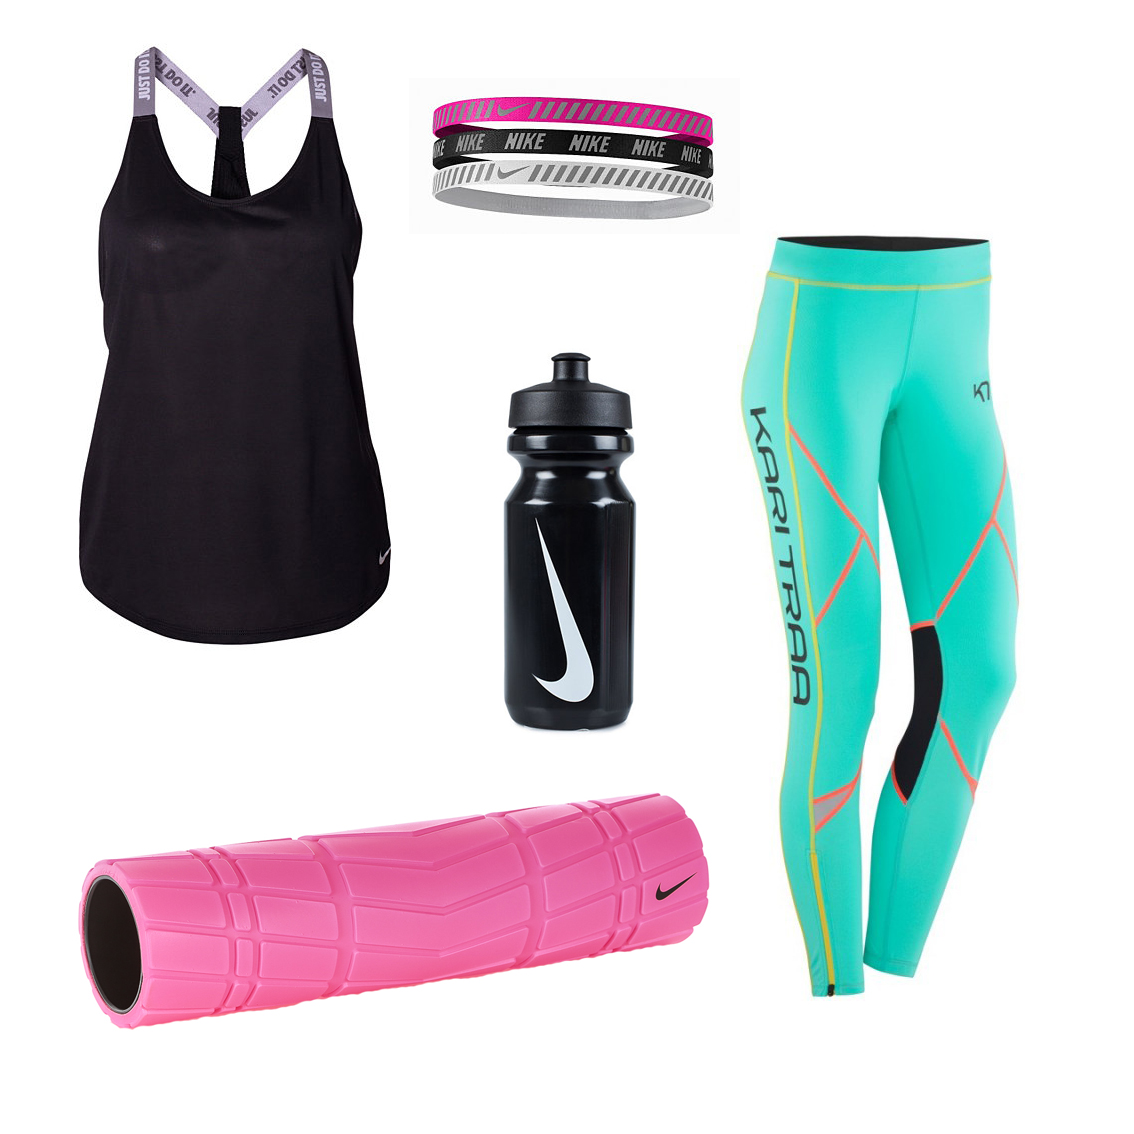 Foamroller för träning hemma och träningskläder